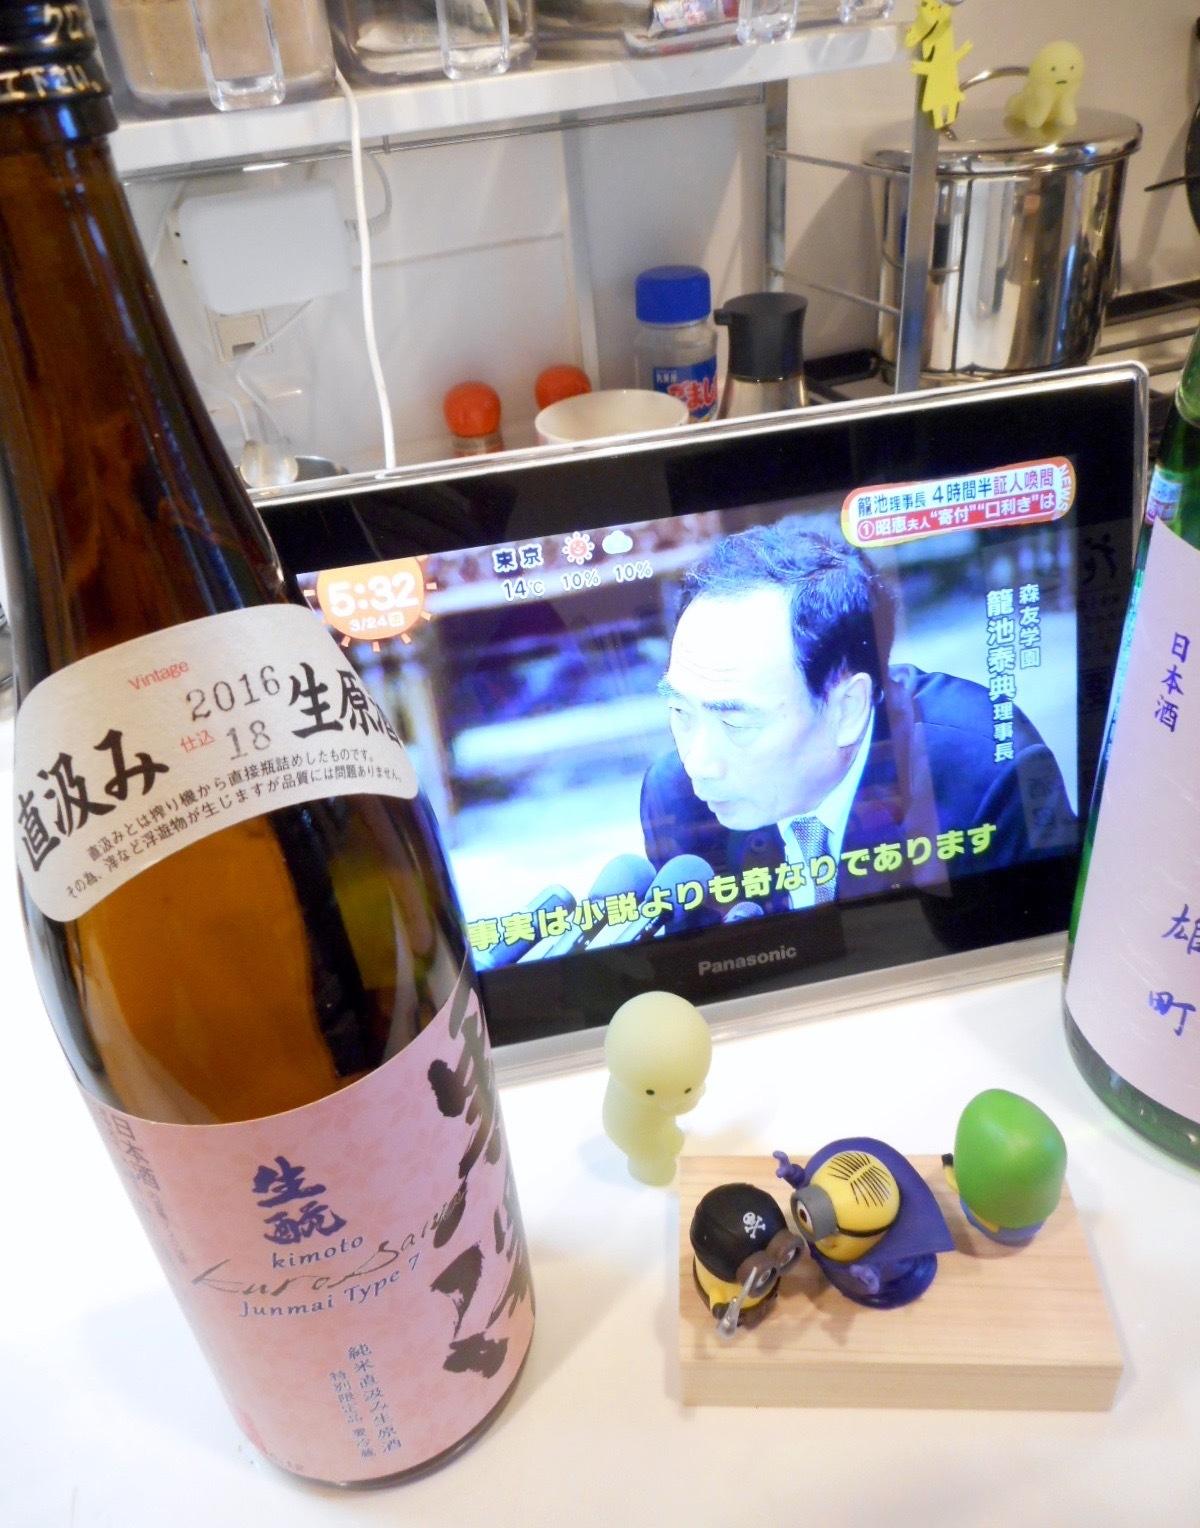 kurosawa_type7_28by3.jpg